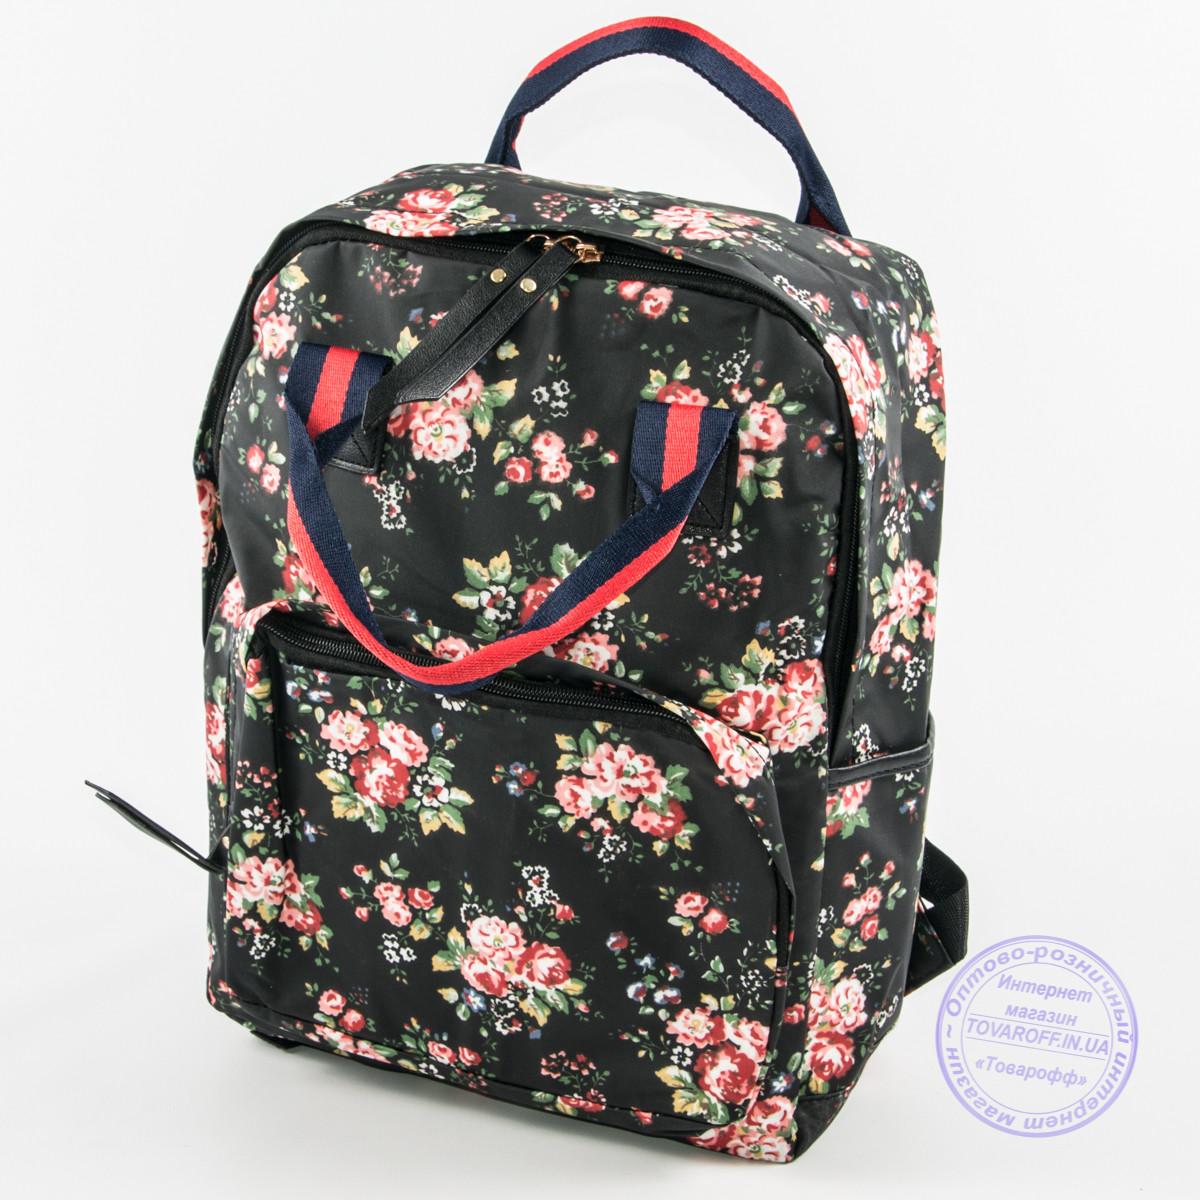 165f28f5eb46 Сумка-рюкзак для школы и прогулок с цветами - черный - 9015: заказ ...